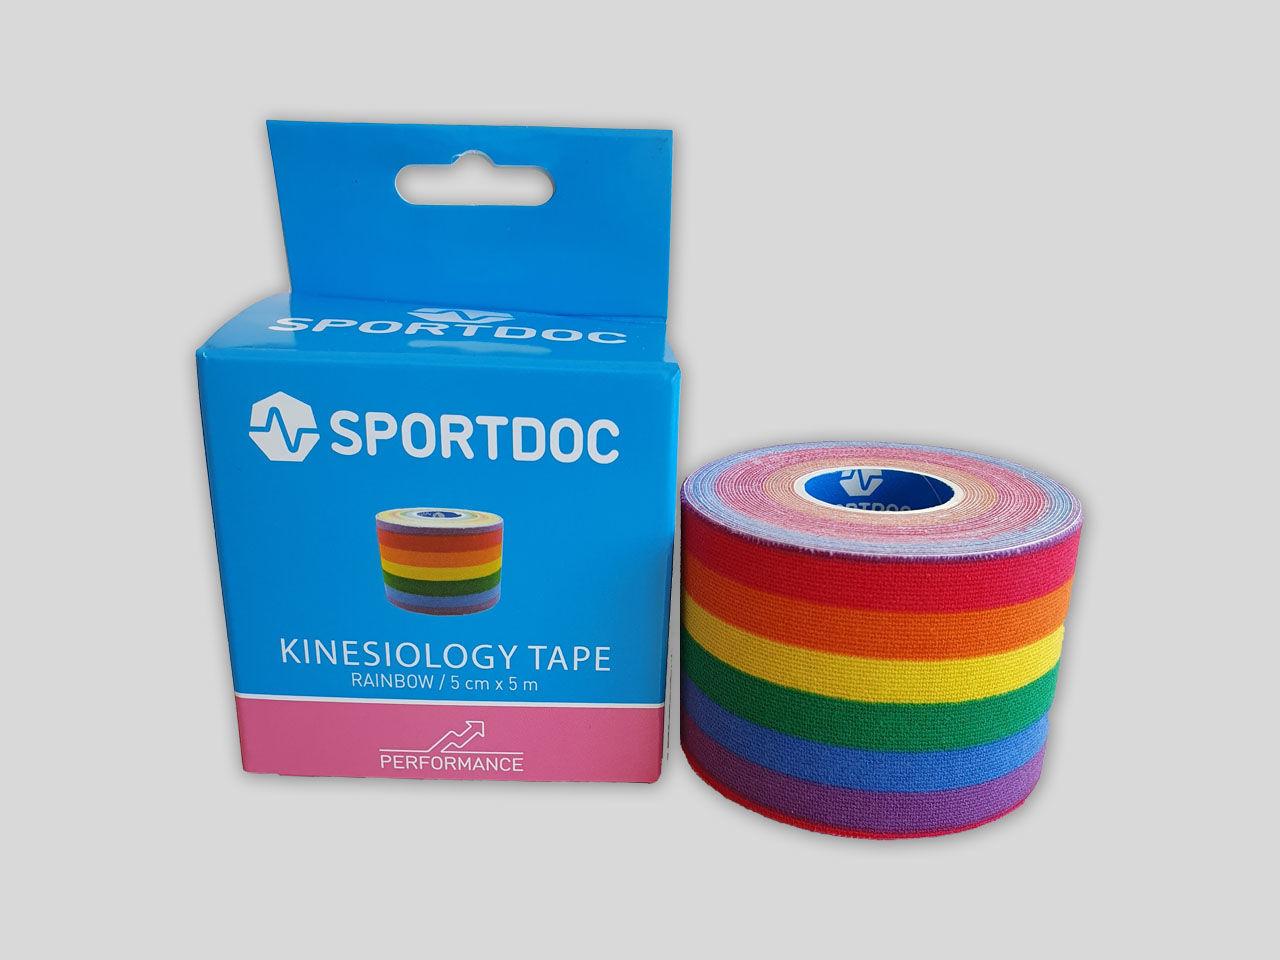 KinesioTejp 50mm x 5m regnbågesfärgad från sportdoc